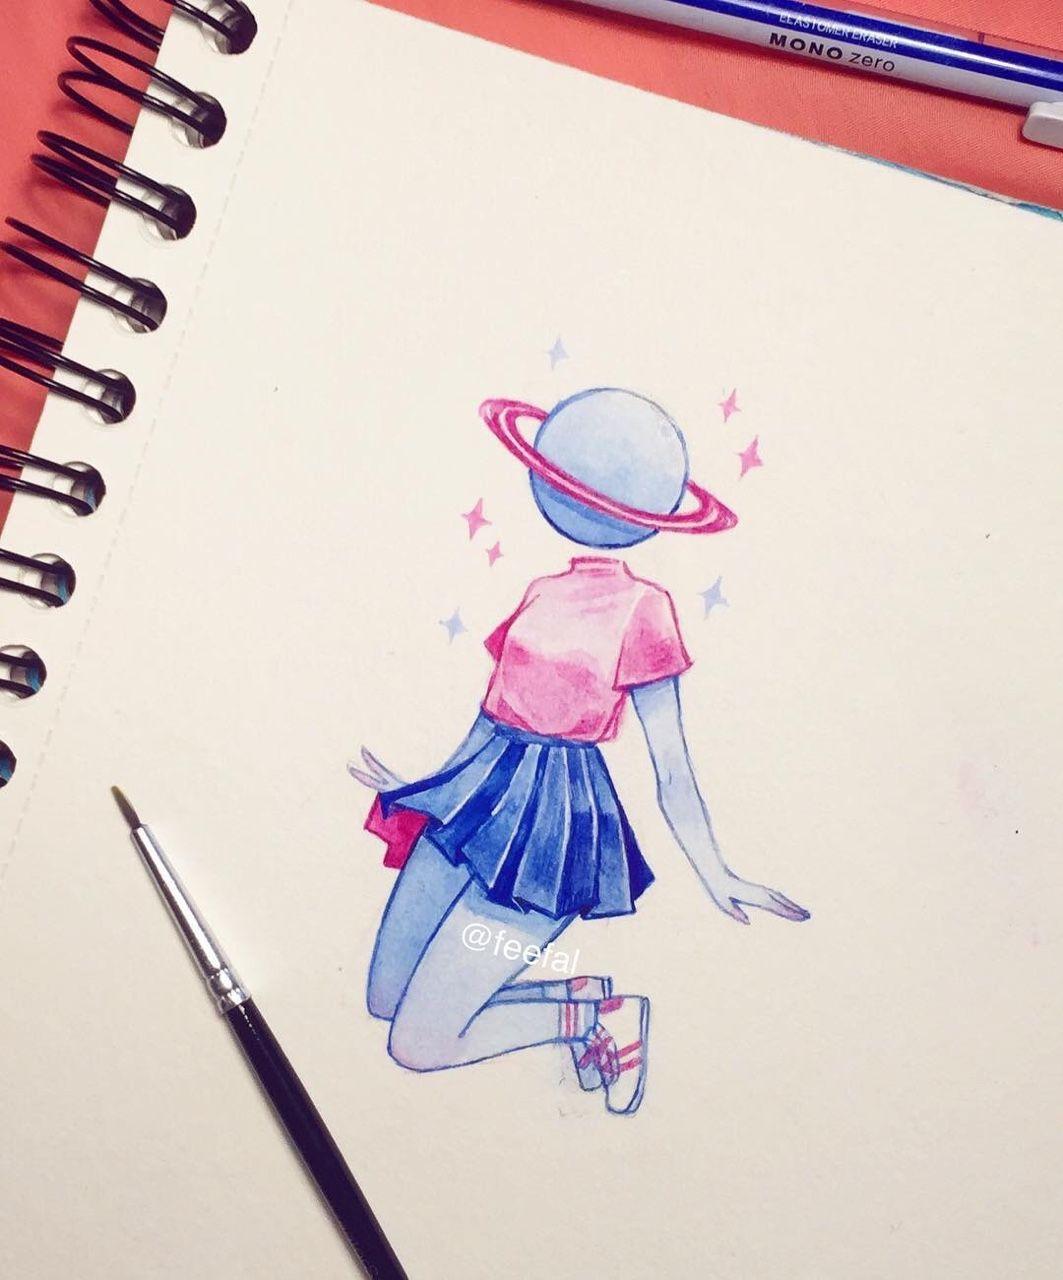 Space Kid D R A W S To Do Cosas De Dibujo Dibujos Y Arte